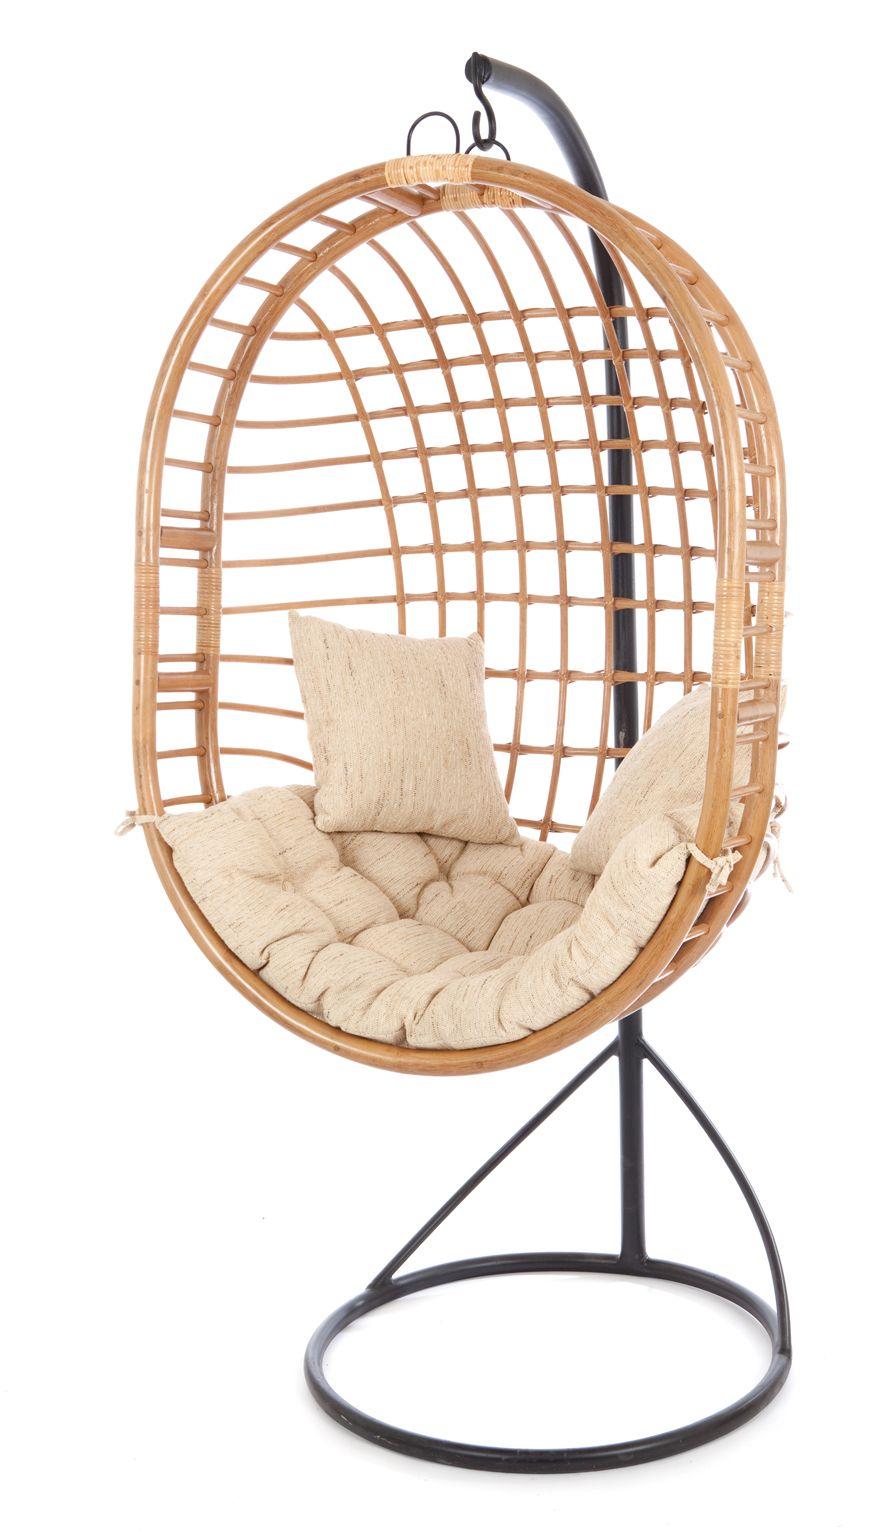 ... in onze collectie het betreft 2 heerlijke hangstoelen rotan hangstoel